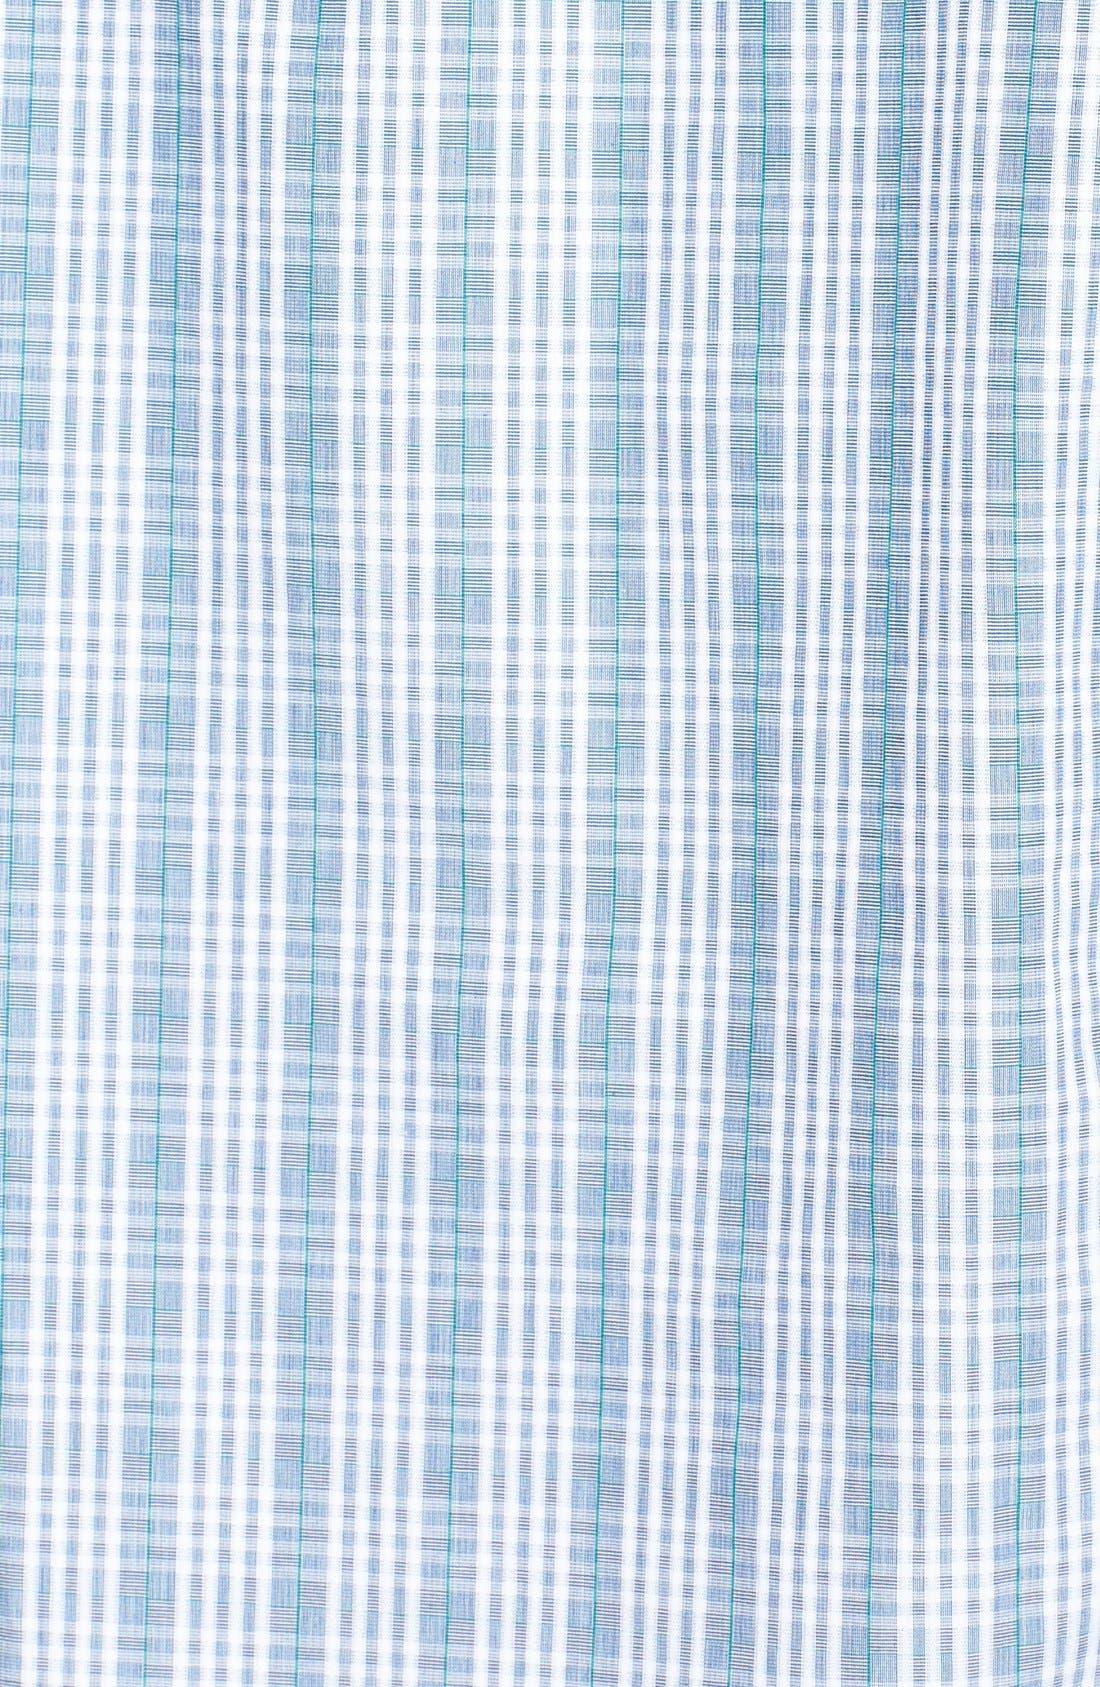 Alternate Image 2  - BOSS HUGO BOSS 'Ronny' Slim Fit Plaid Sport Shirt